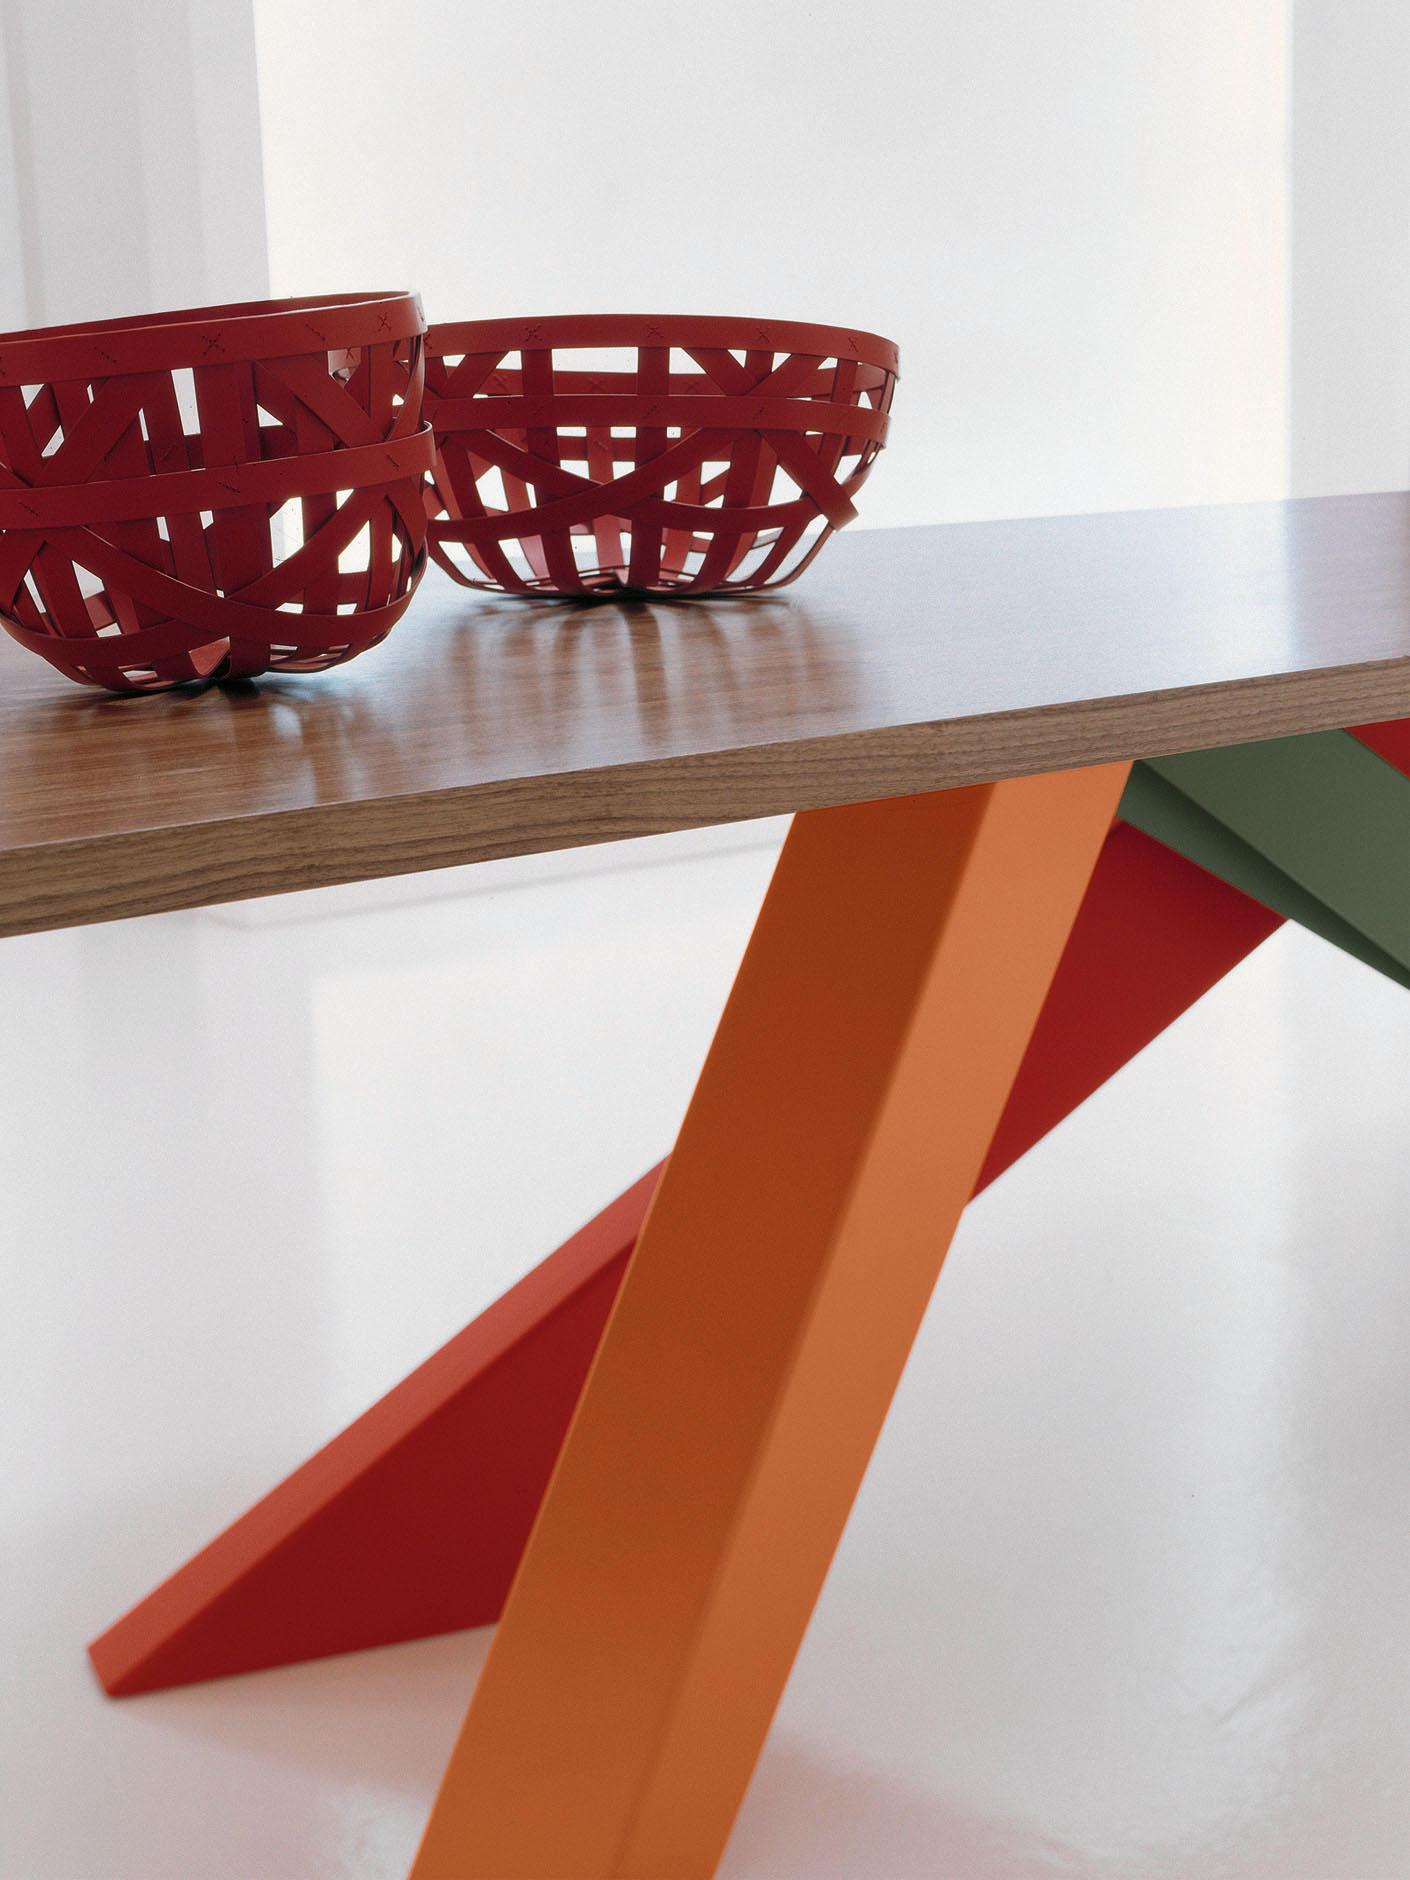 Big Table Tavoli Da Pranzo Di Bonaldo Architonic #812B1E 1410 1880 Produttori Di Tavoli Da Pranzo